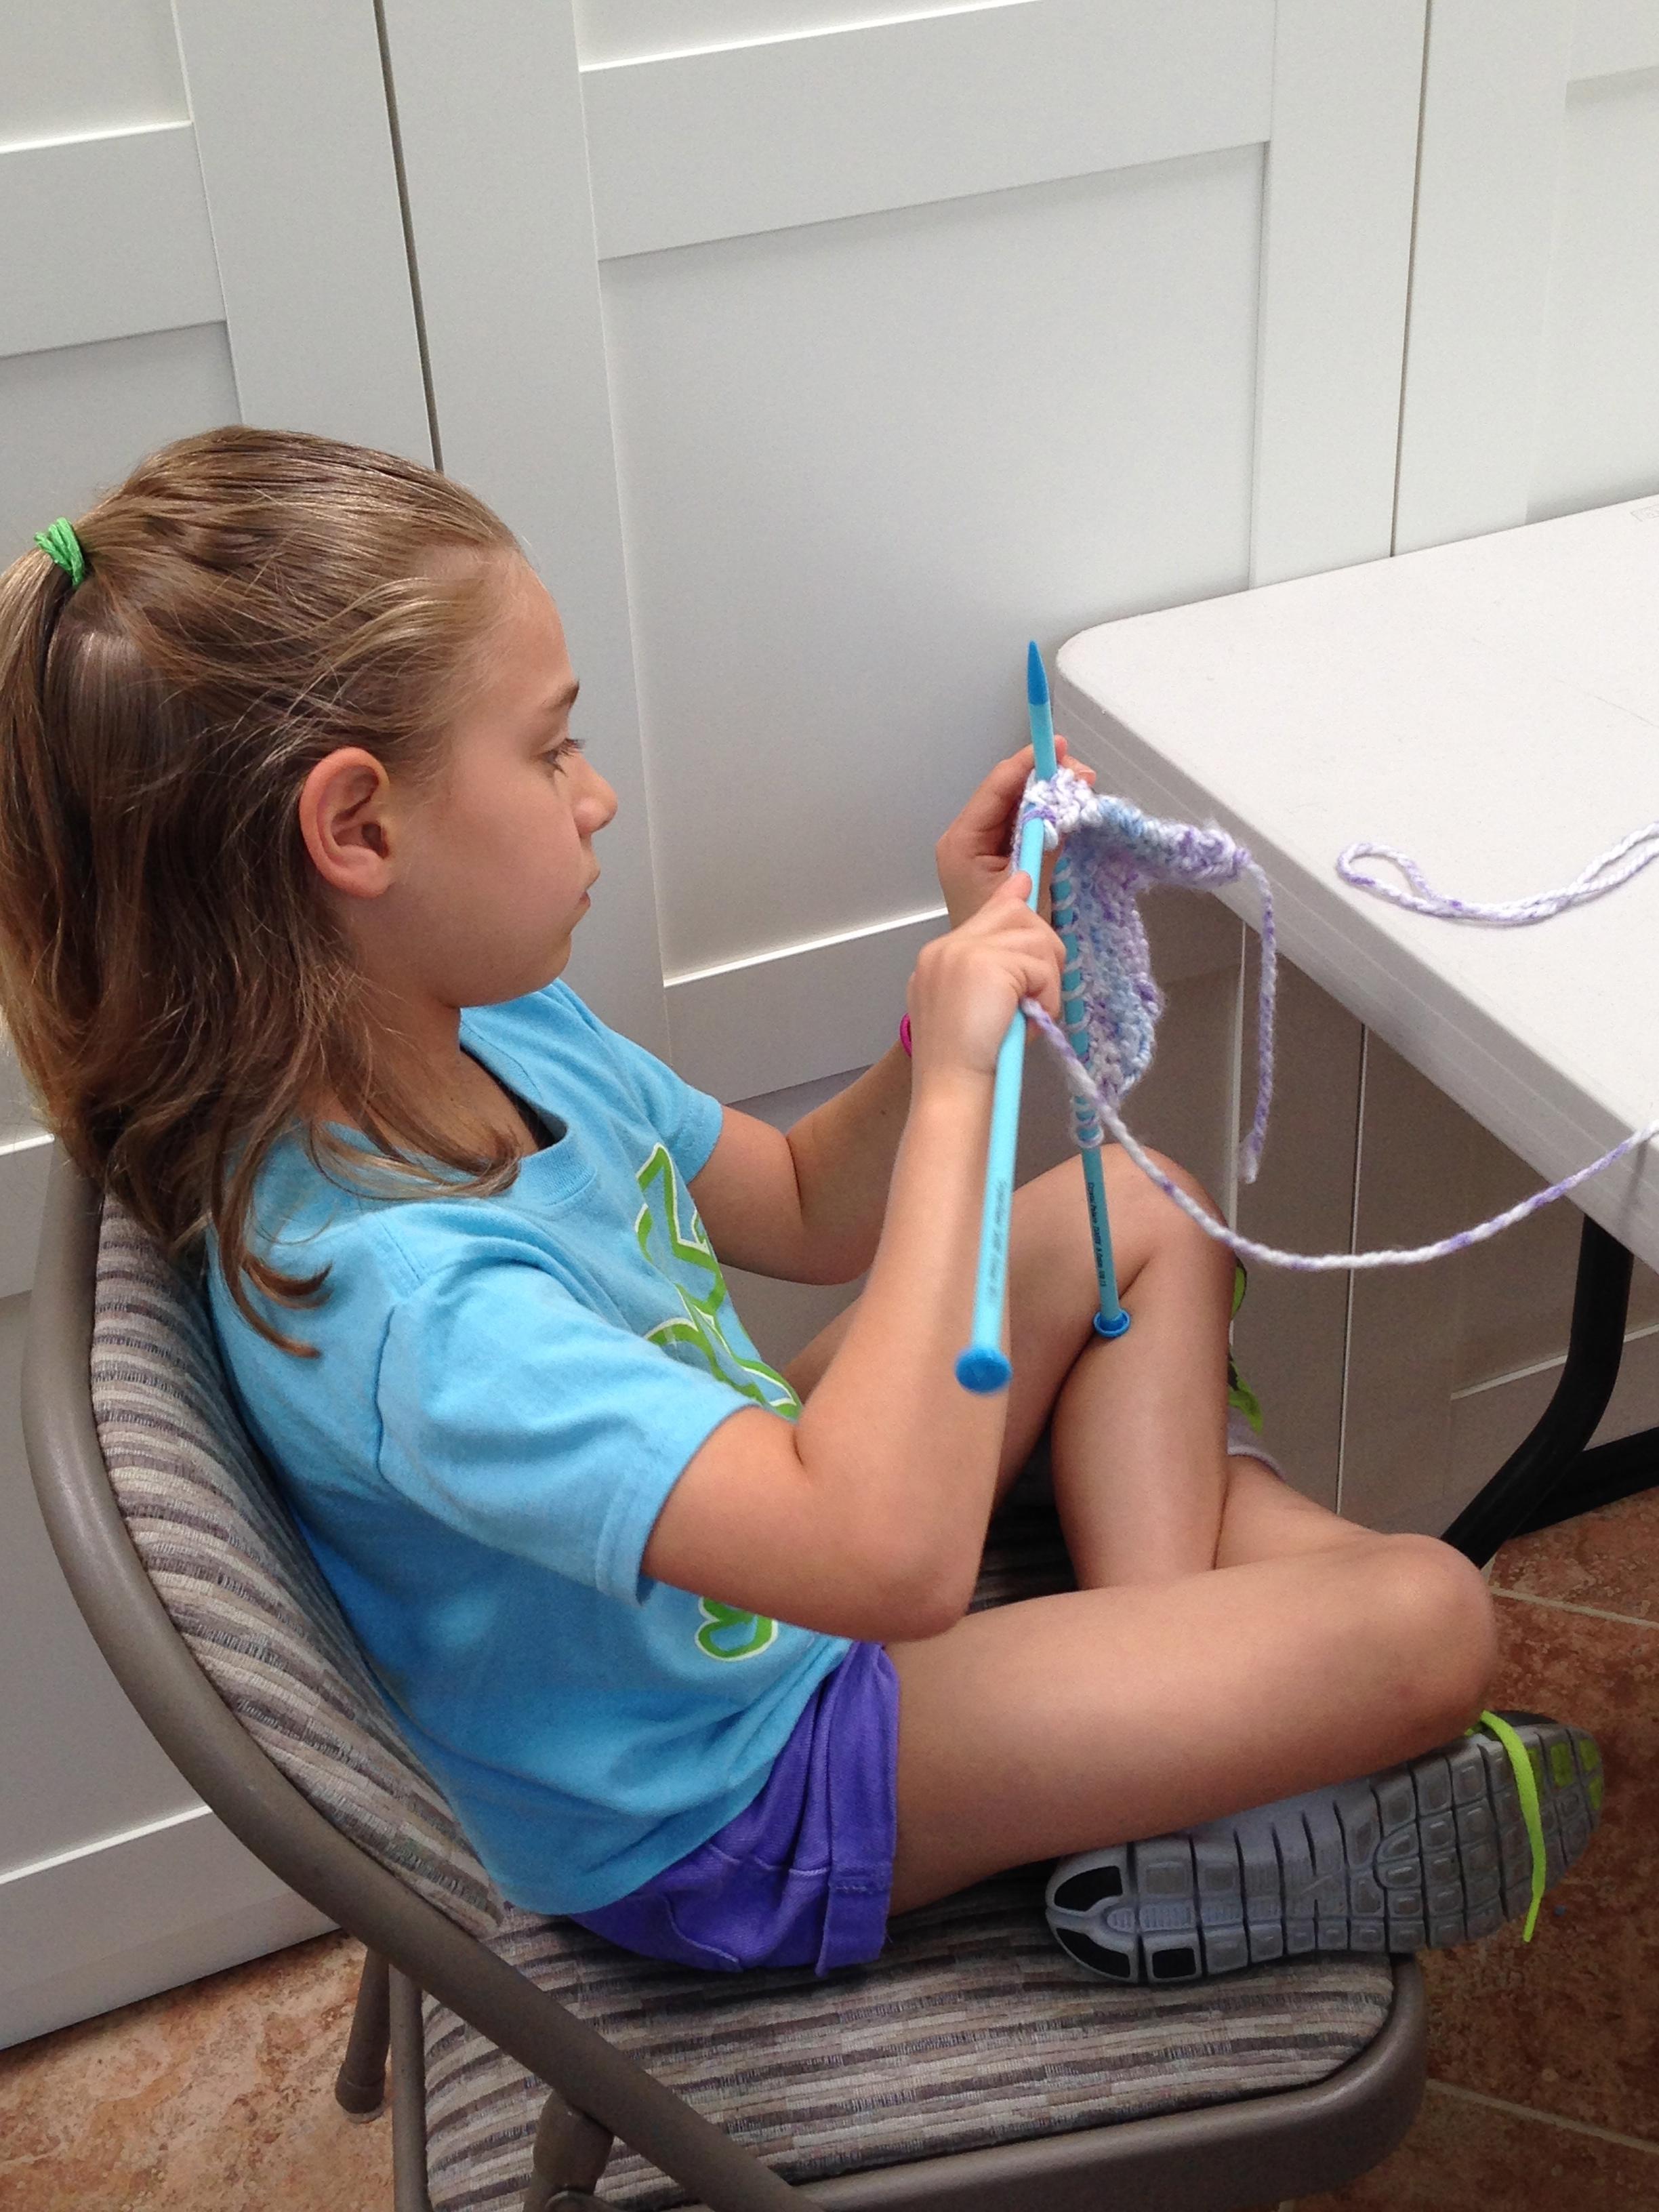 3rd grader knitting.